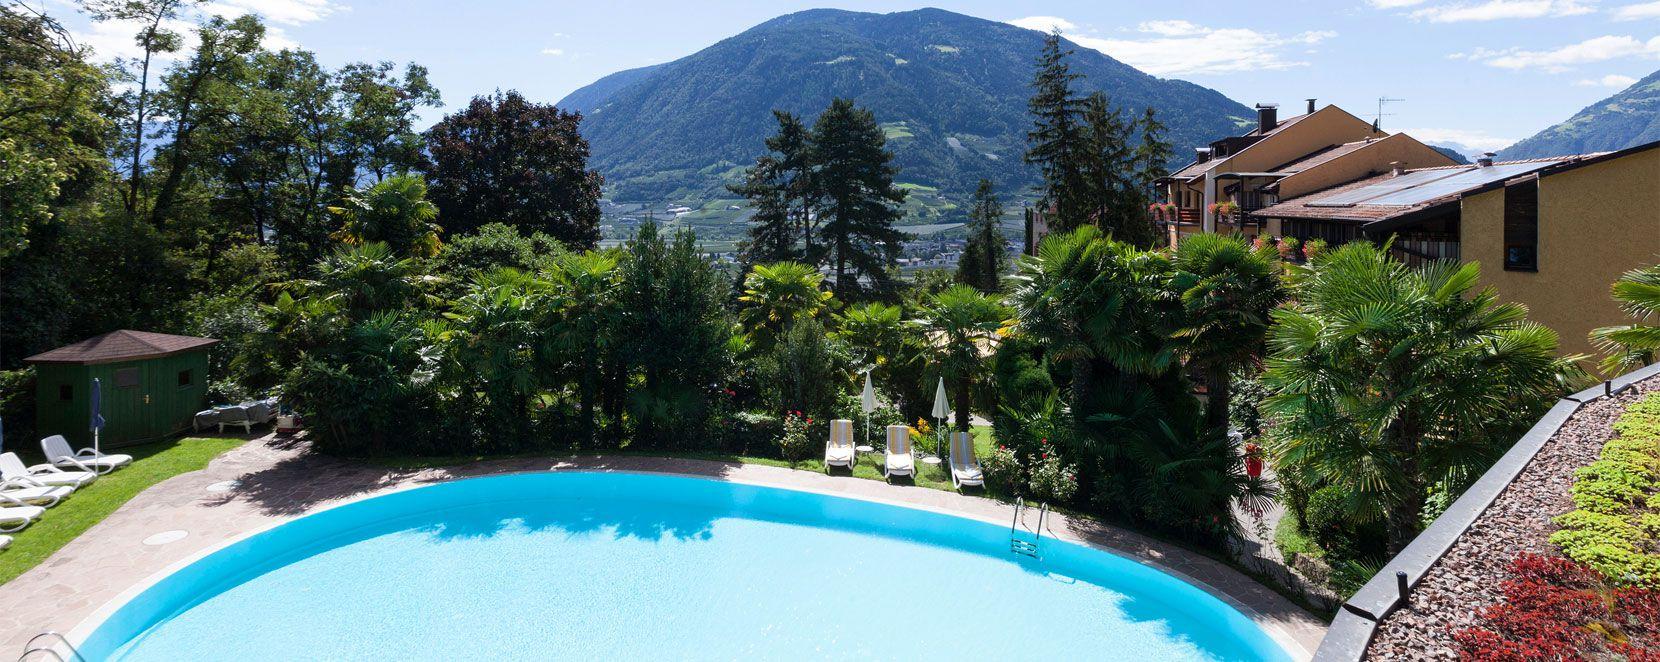 Hotel mit garten schwimmbad thurnergut s dorf tirol for Hotel munster mit schwimmbad